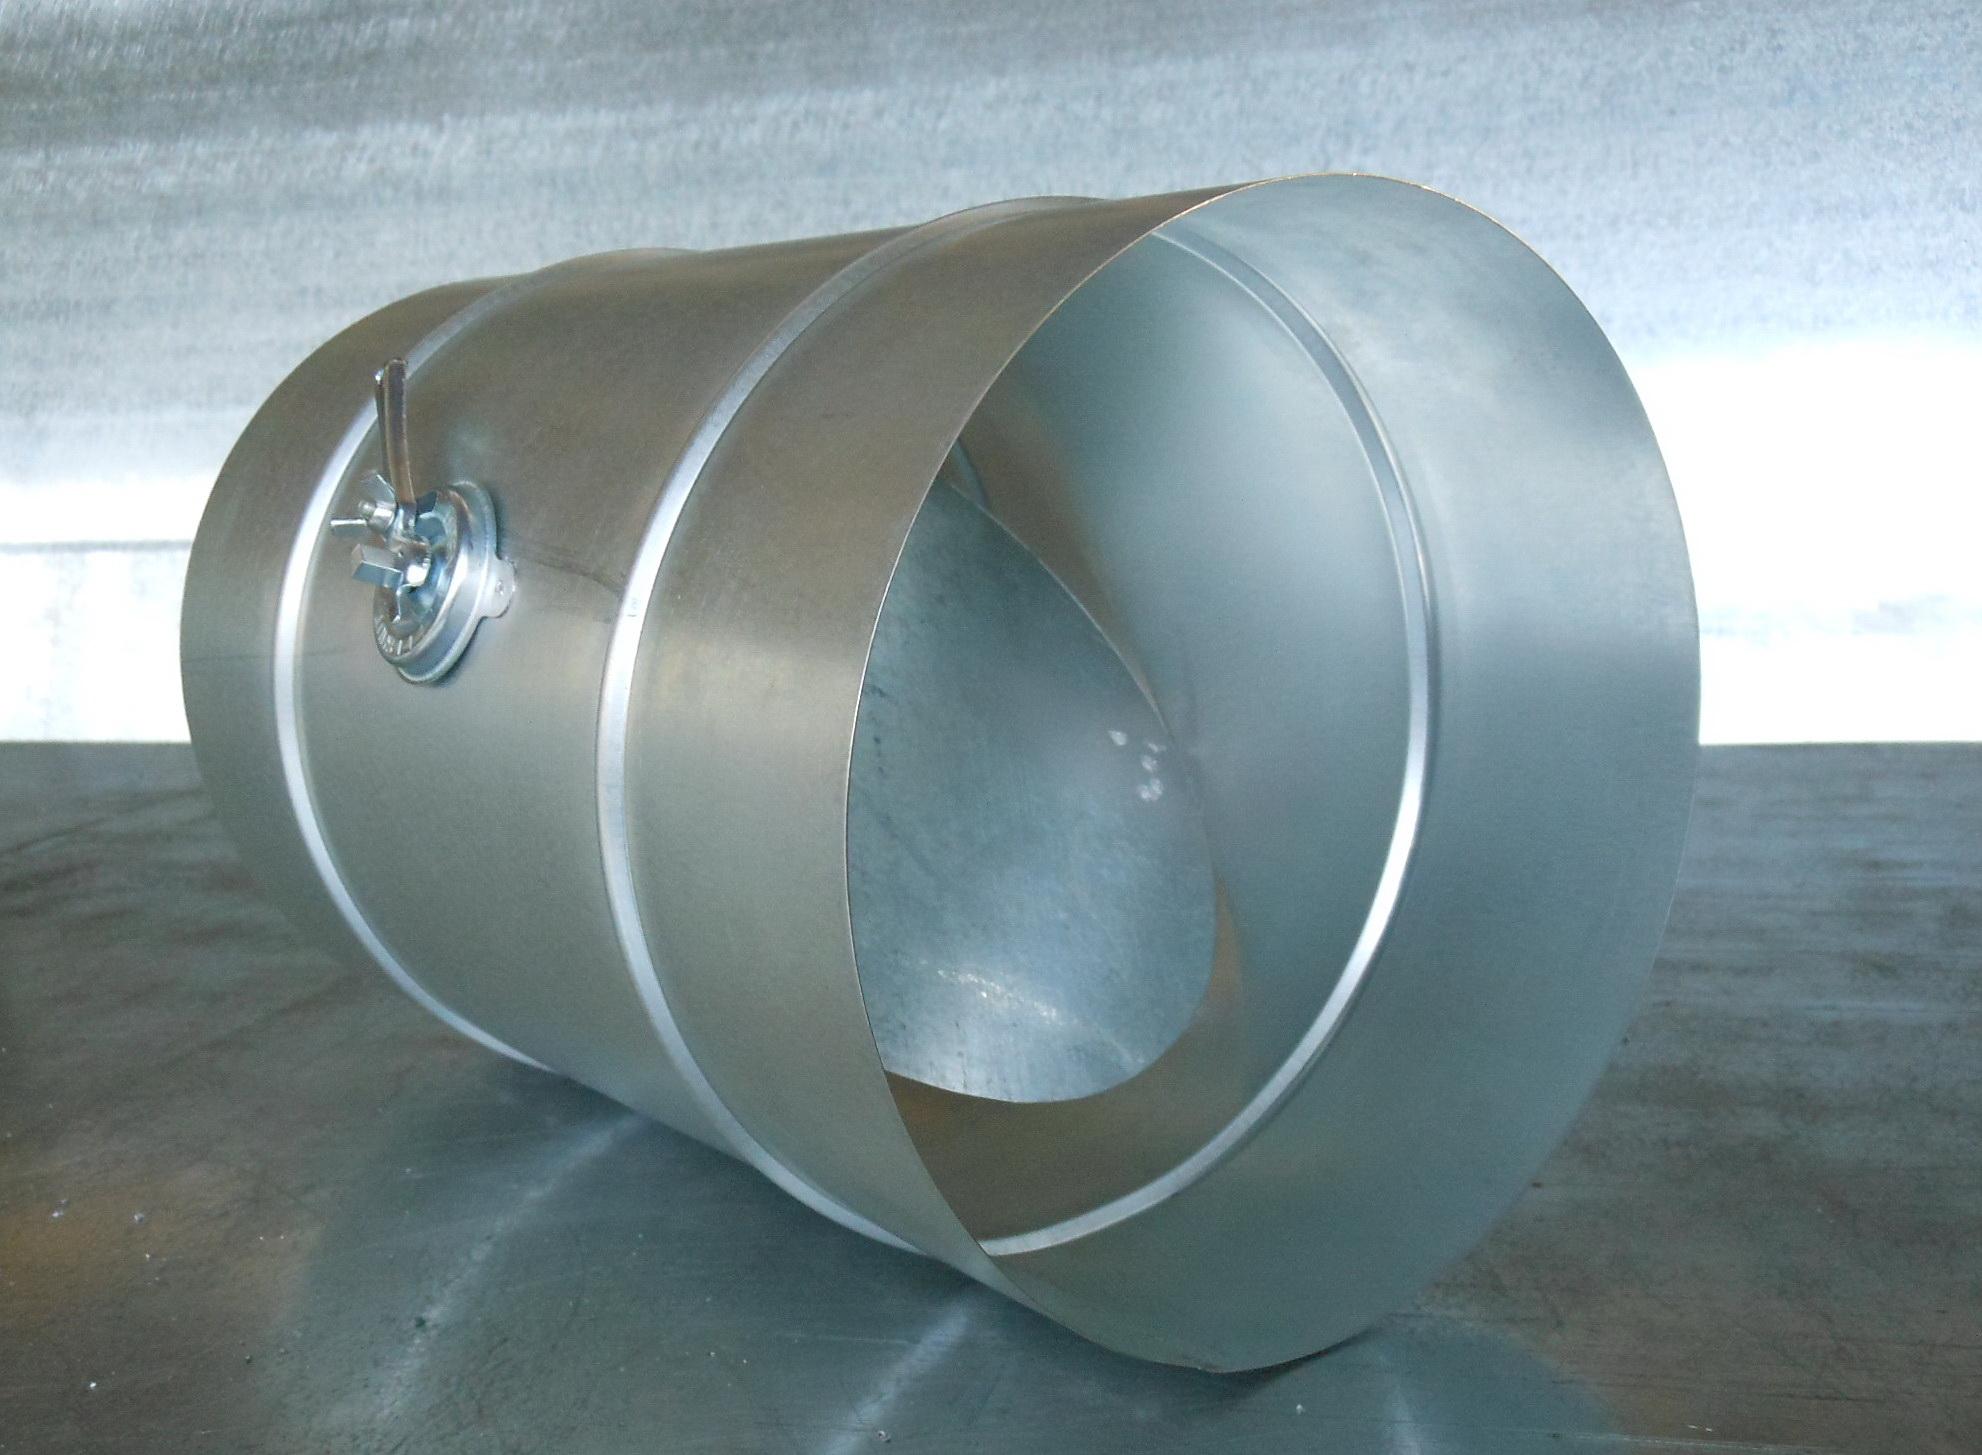 Обратный клапан на вентиляцию: применение и критерии 88